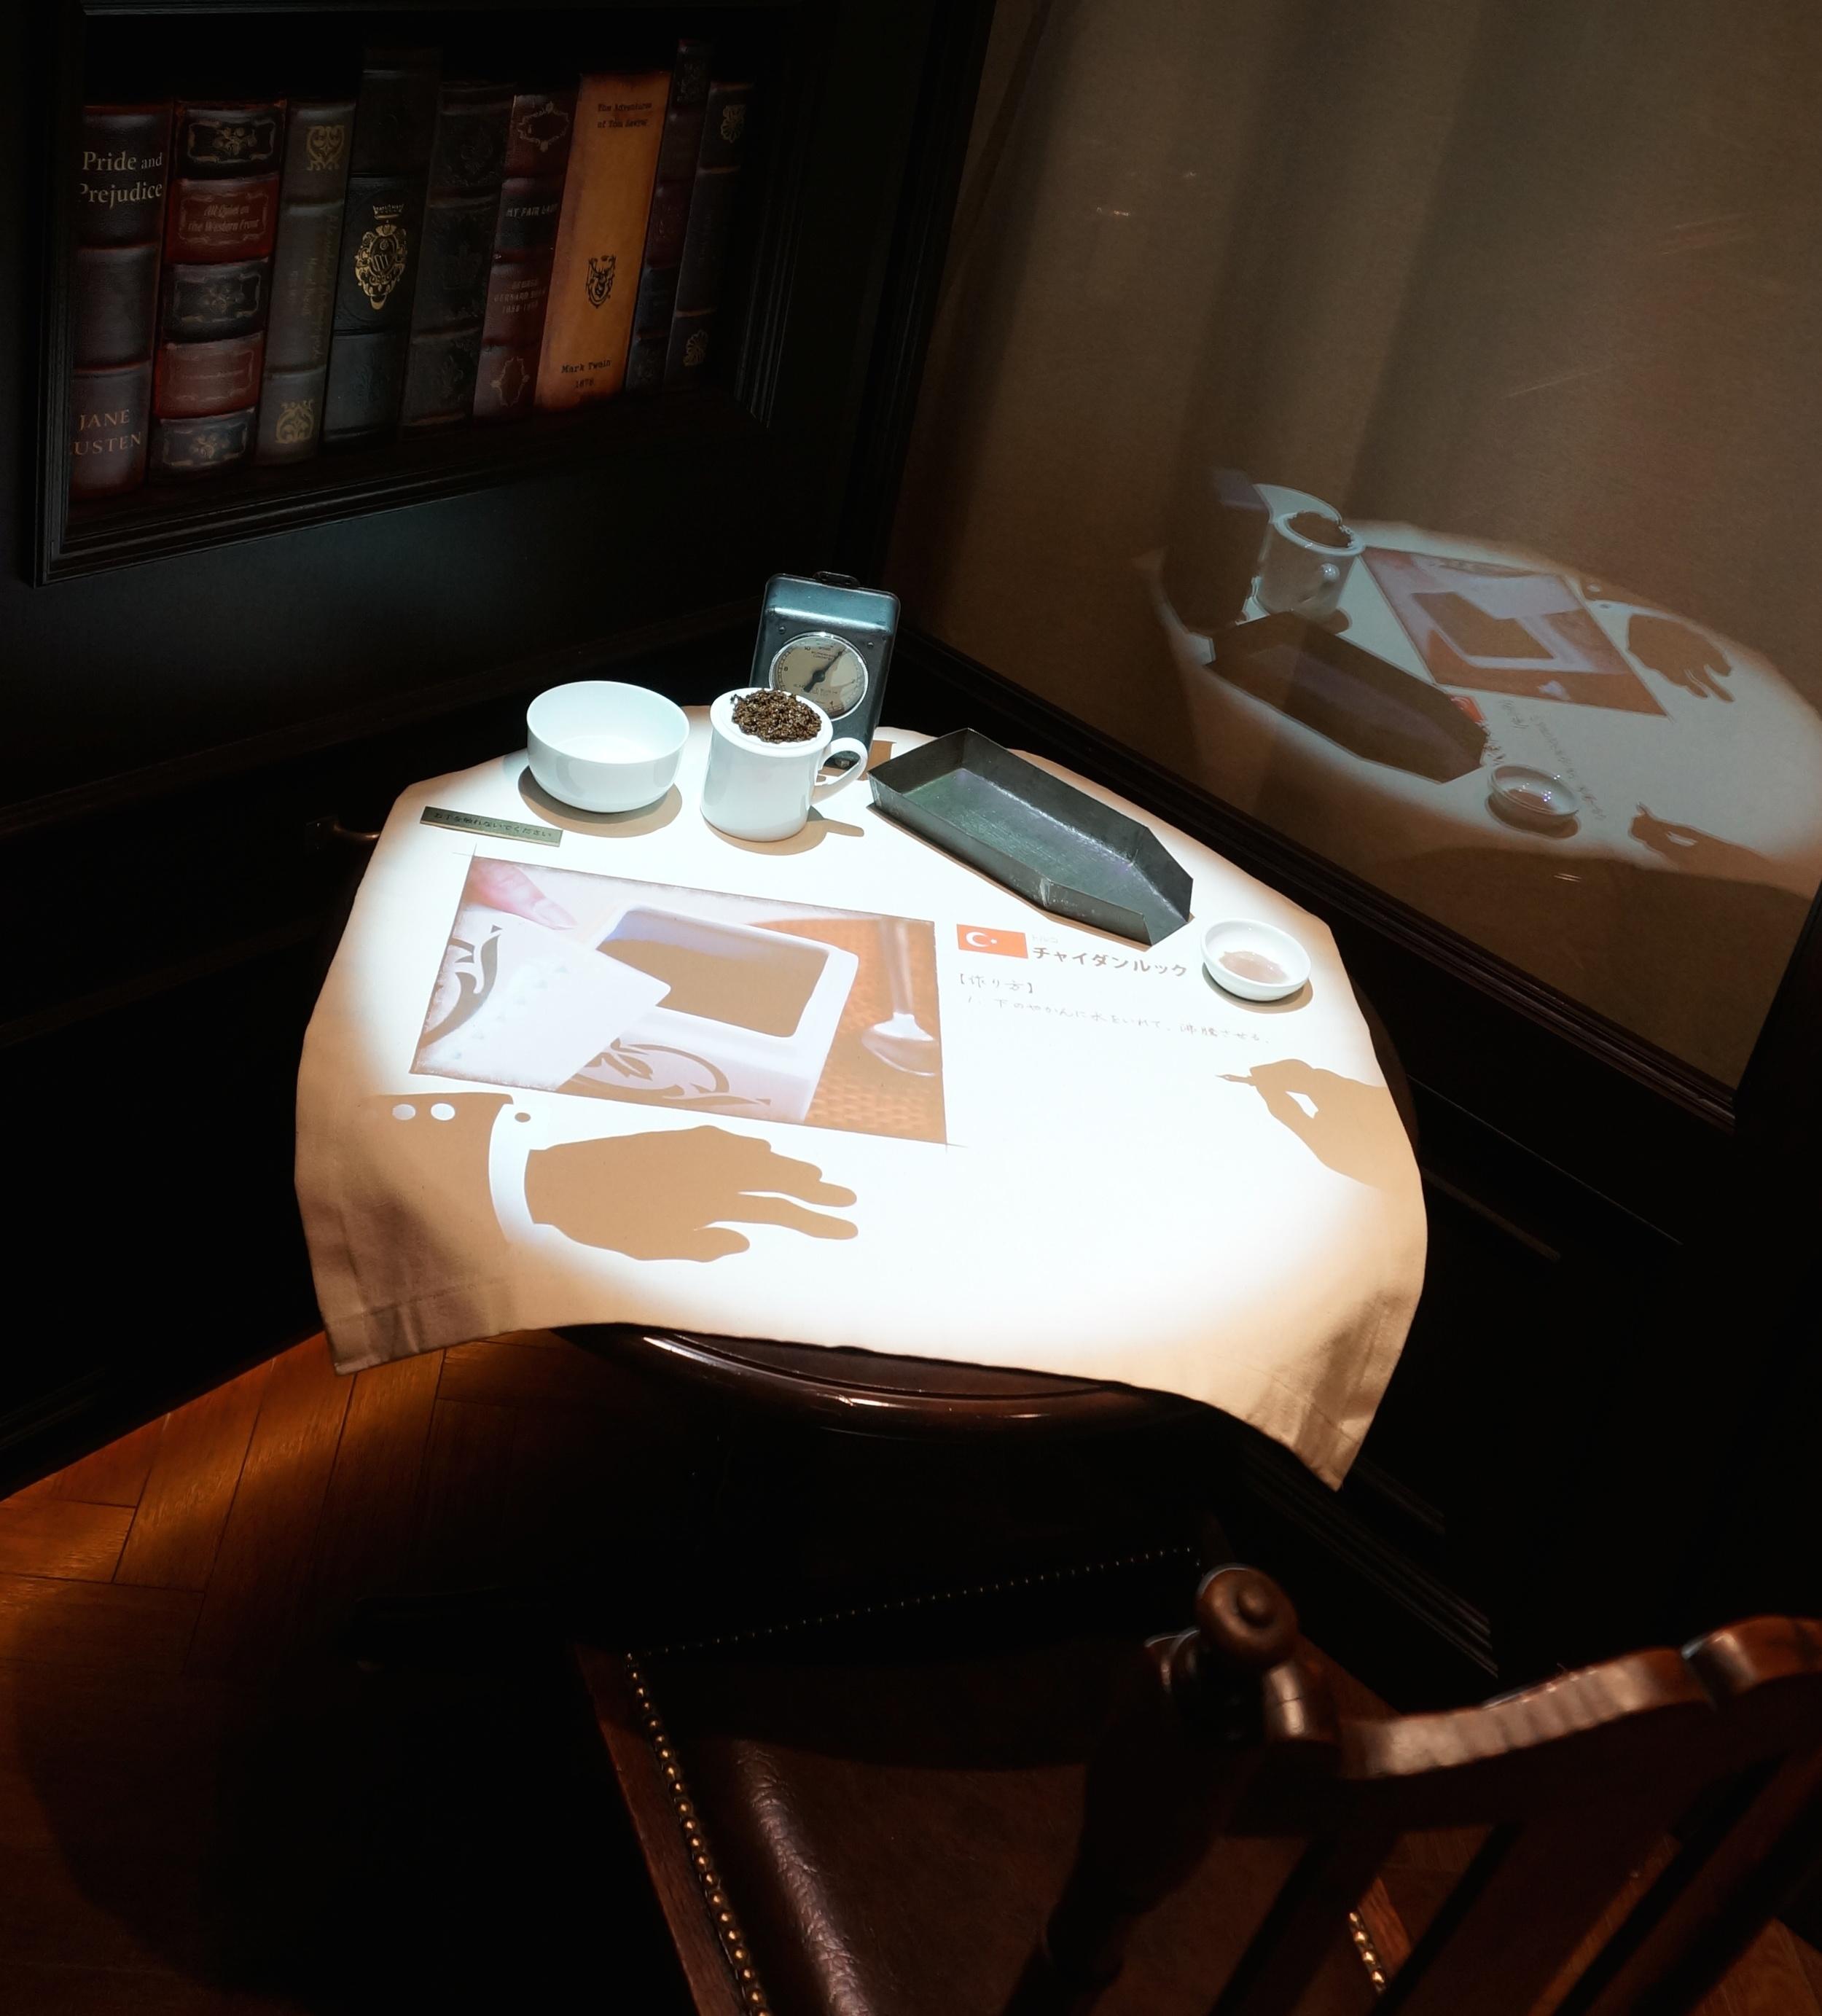 3. 紅茶の楽しみ方を伝えるテーブル